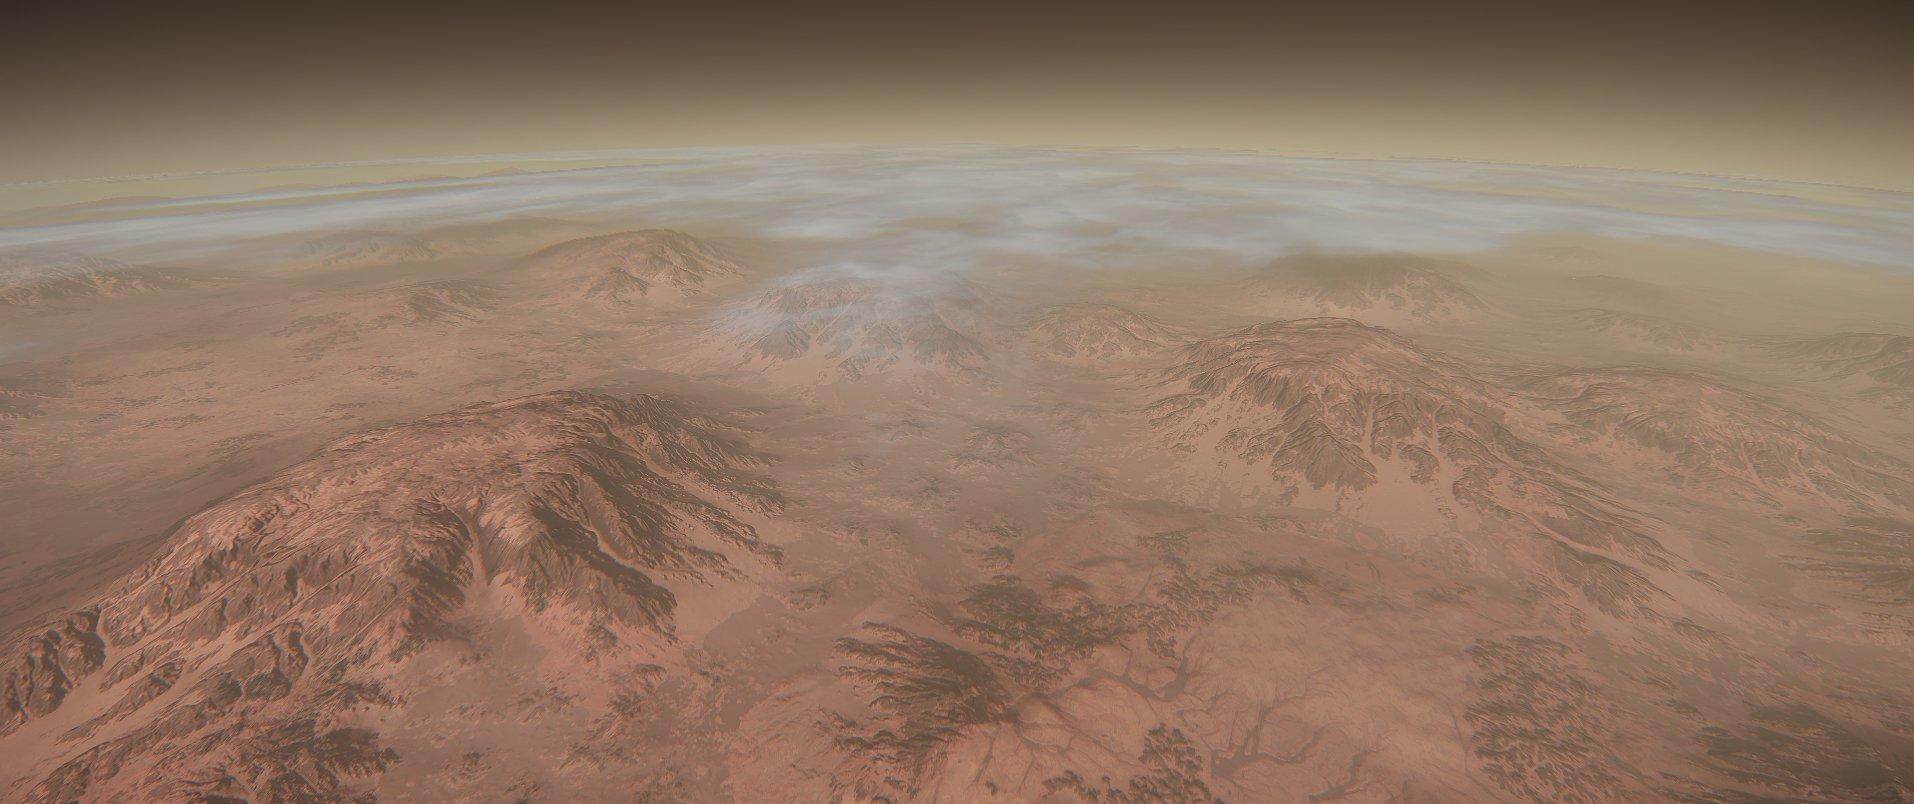 Widok z orbity